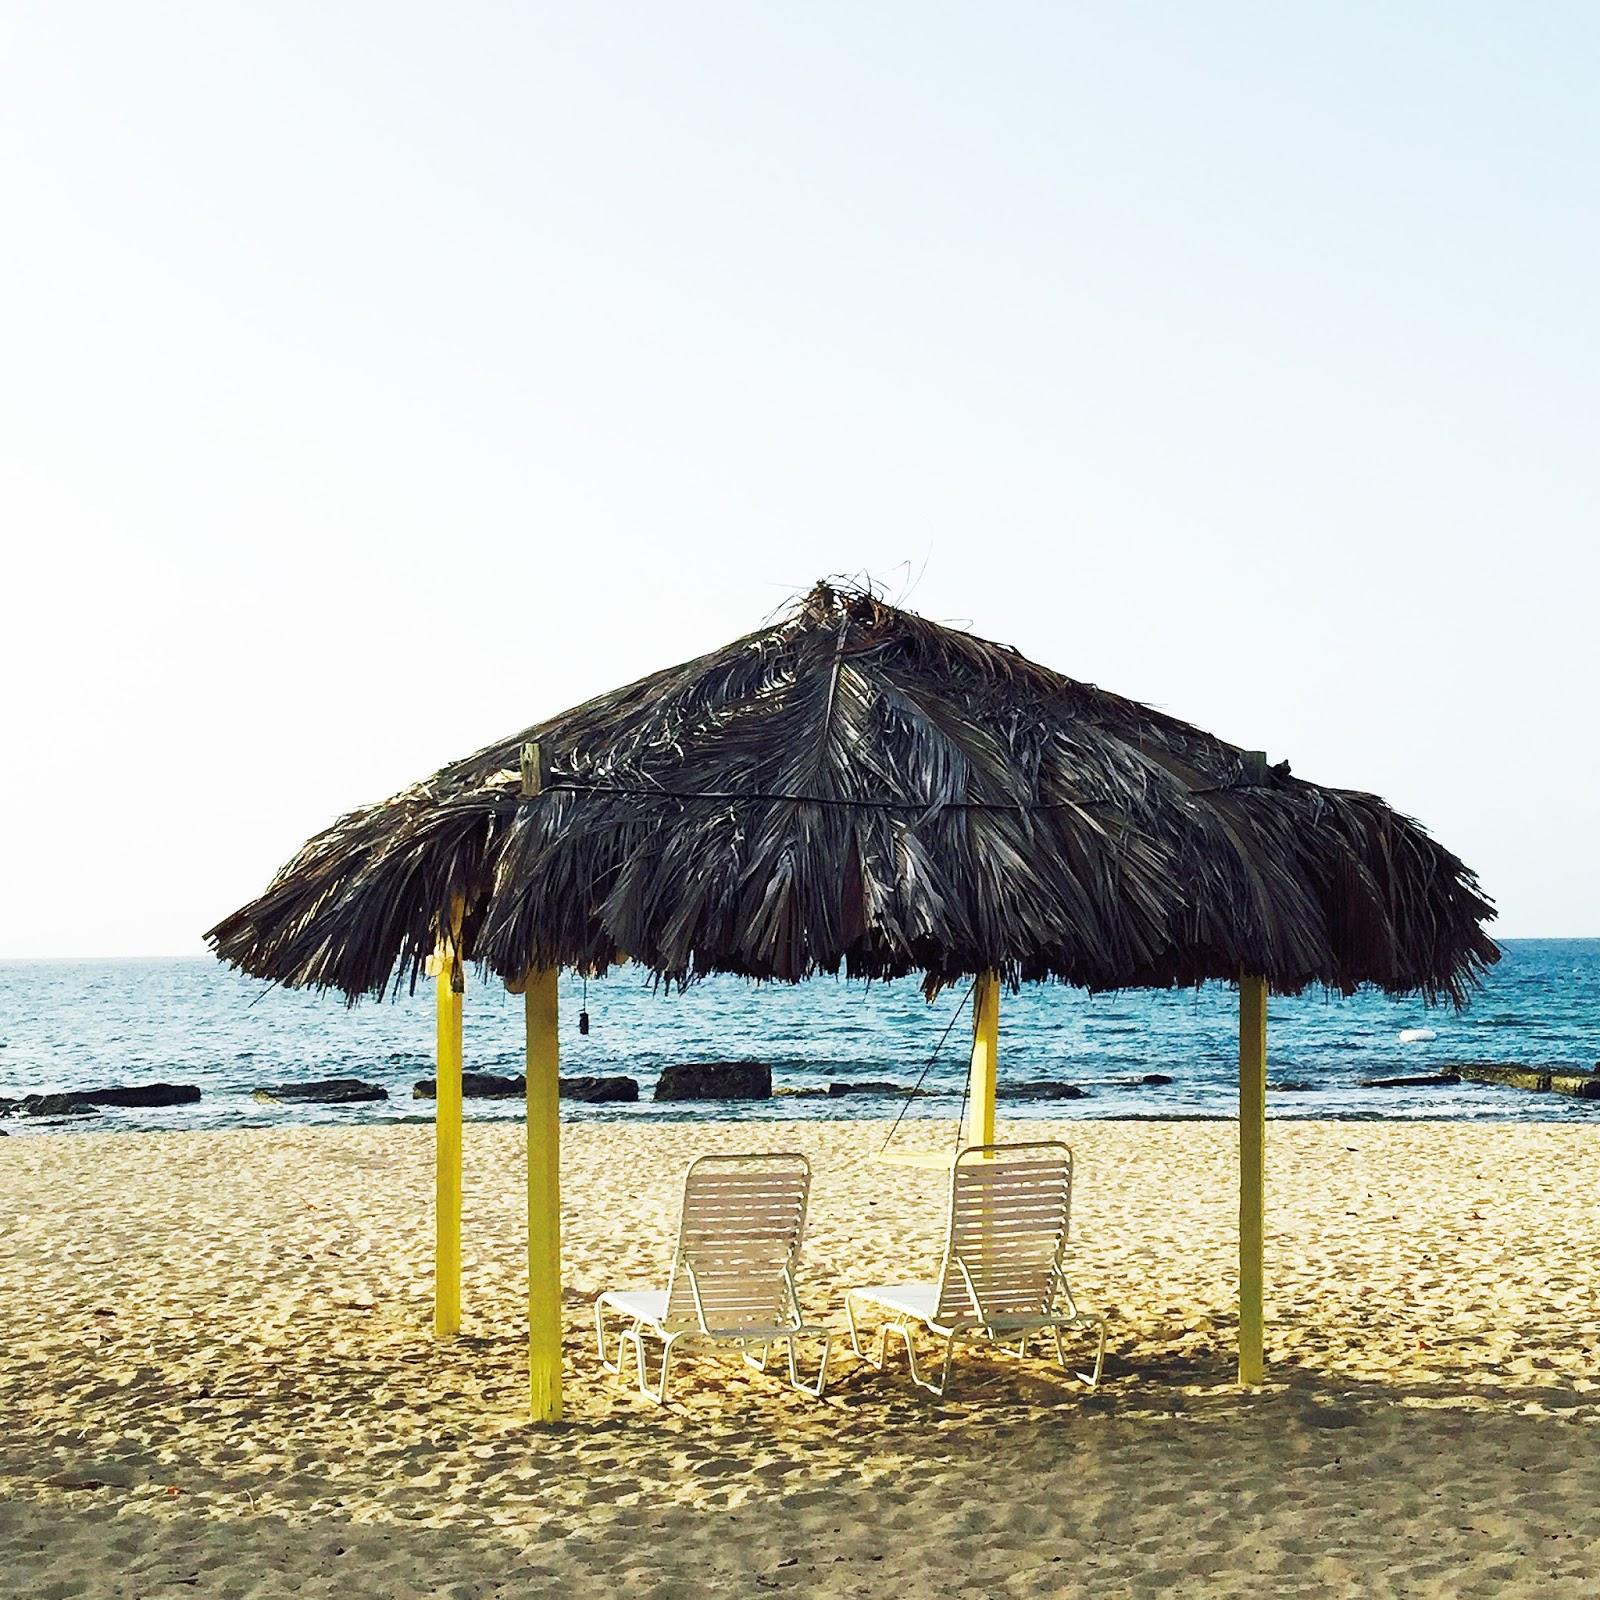 tiki hut on beach